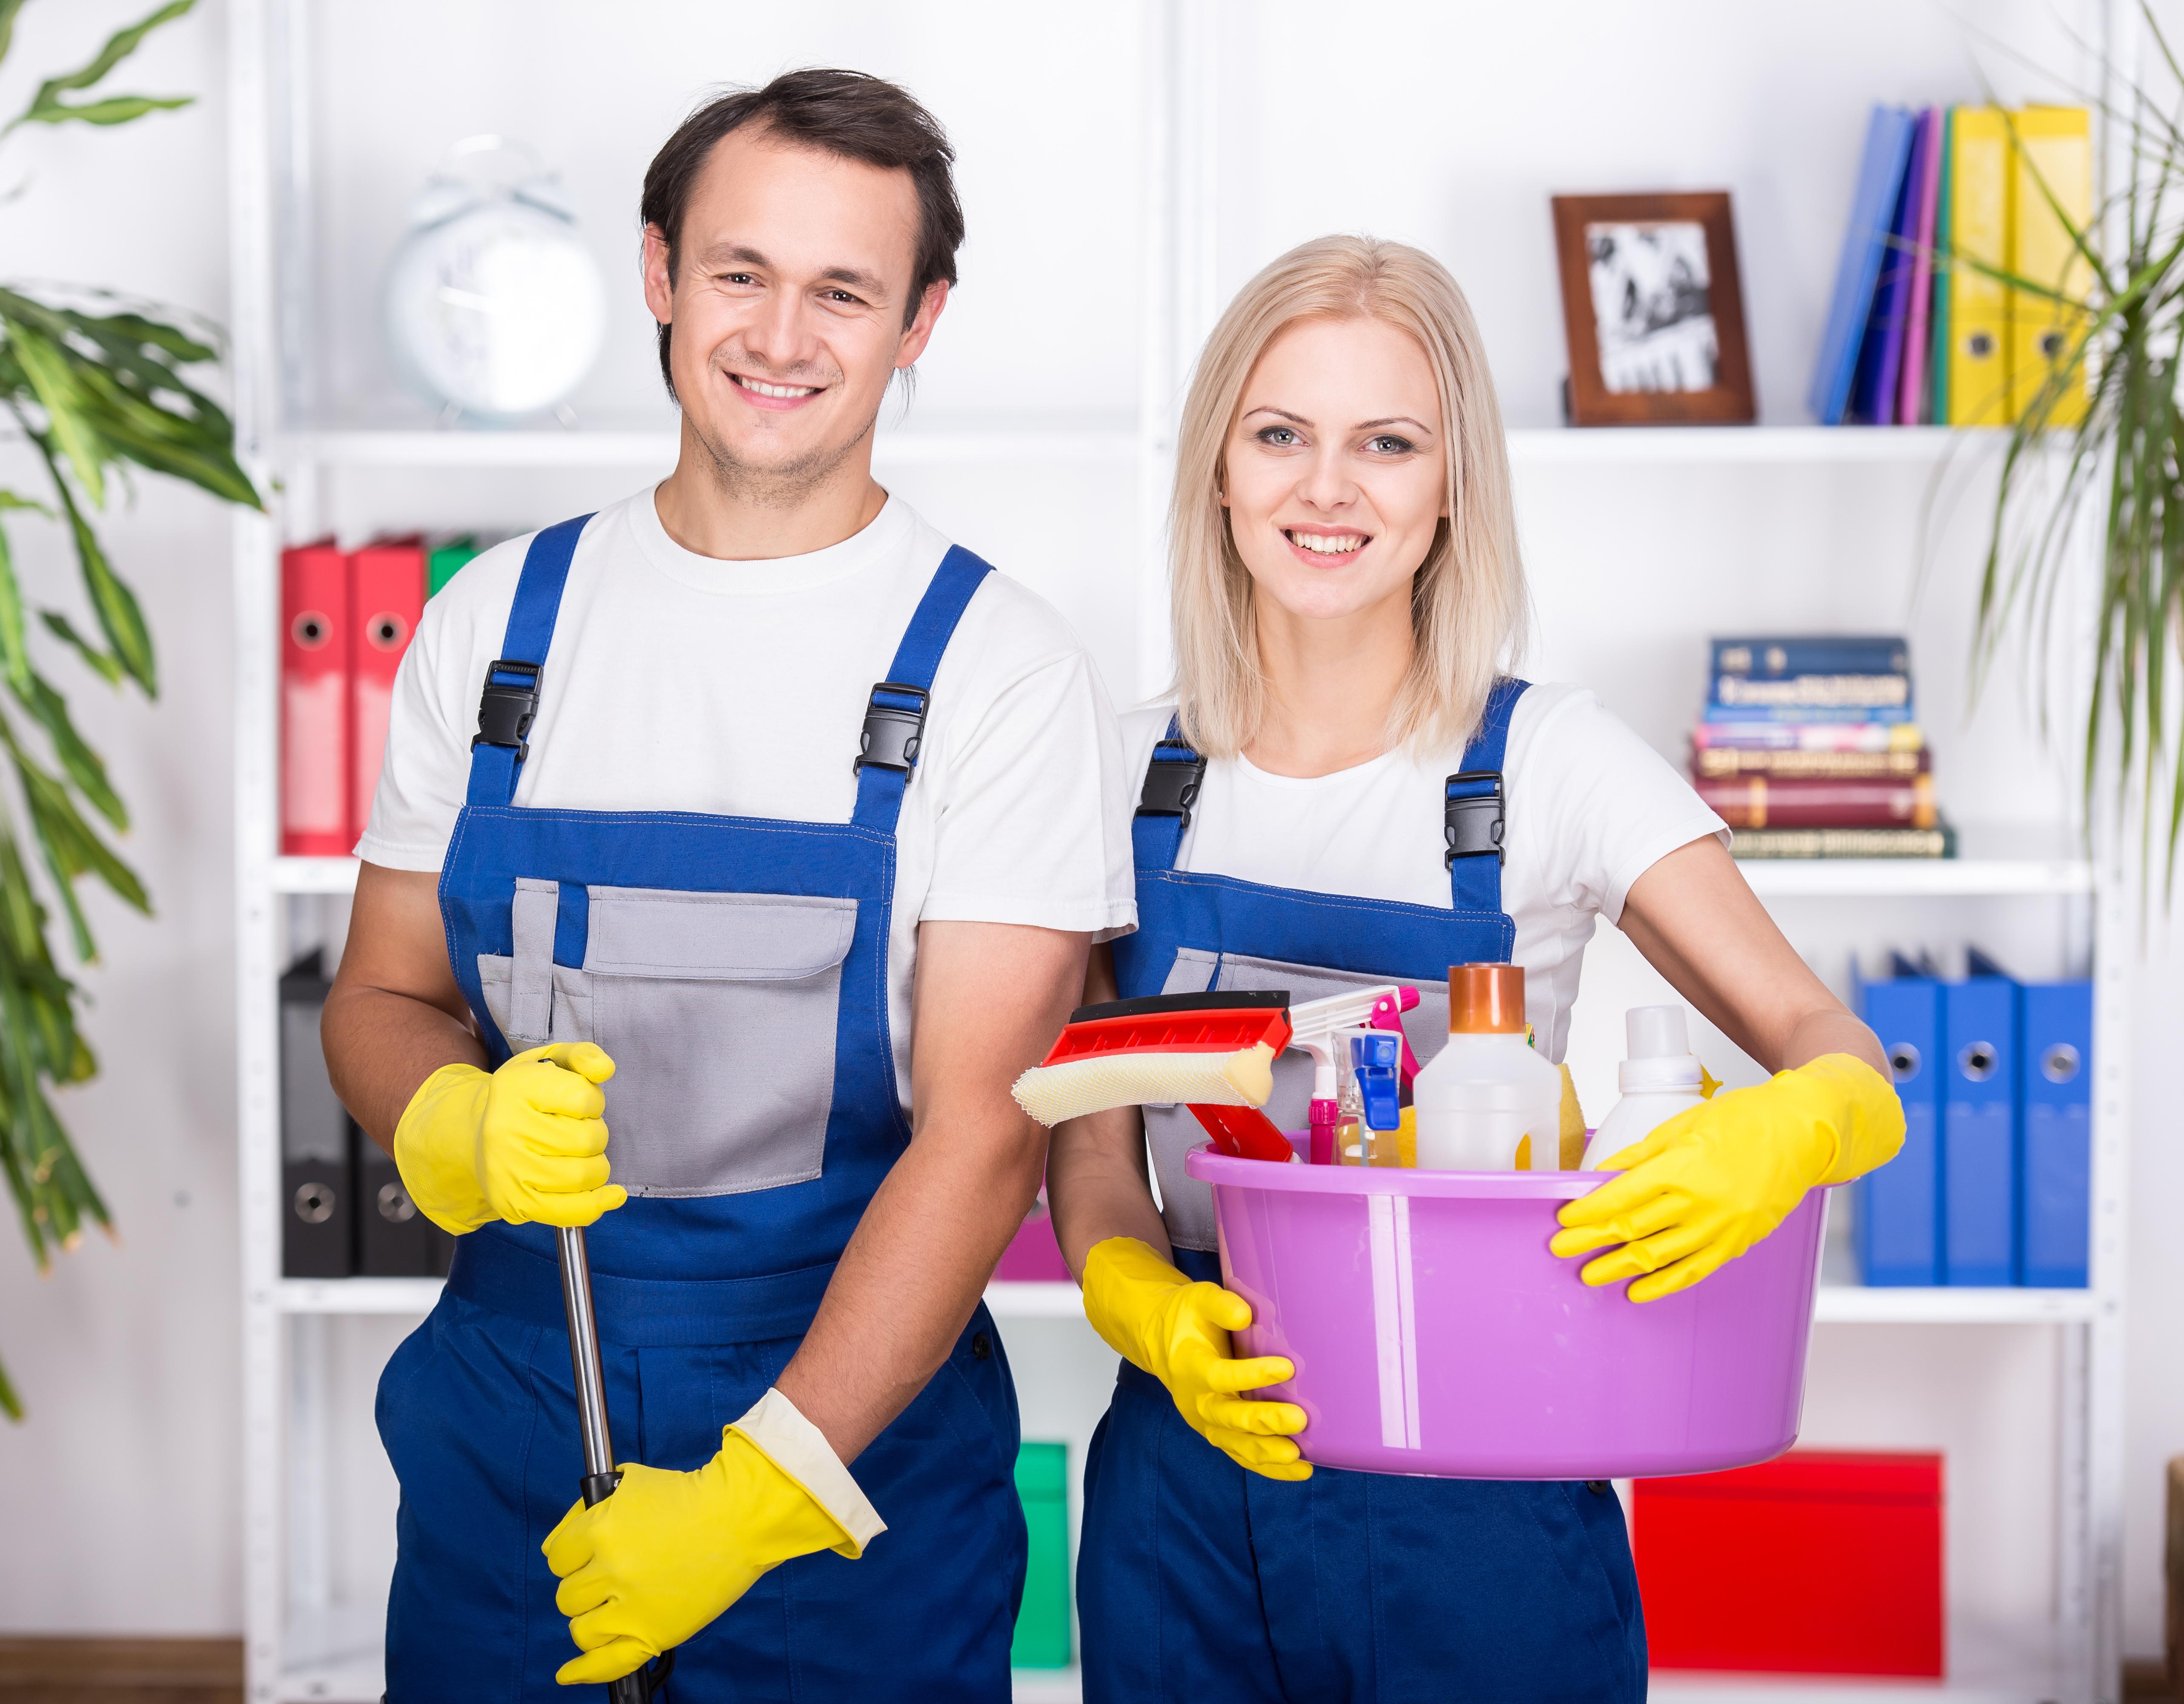 Коммерческого предложения по уборке помещений